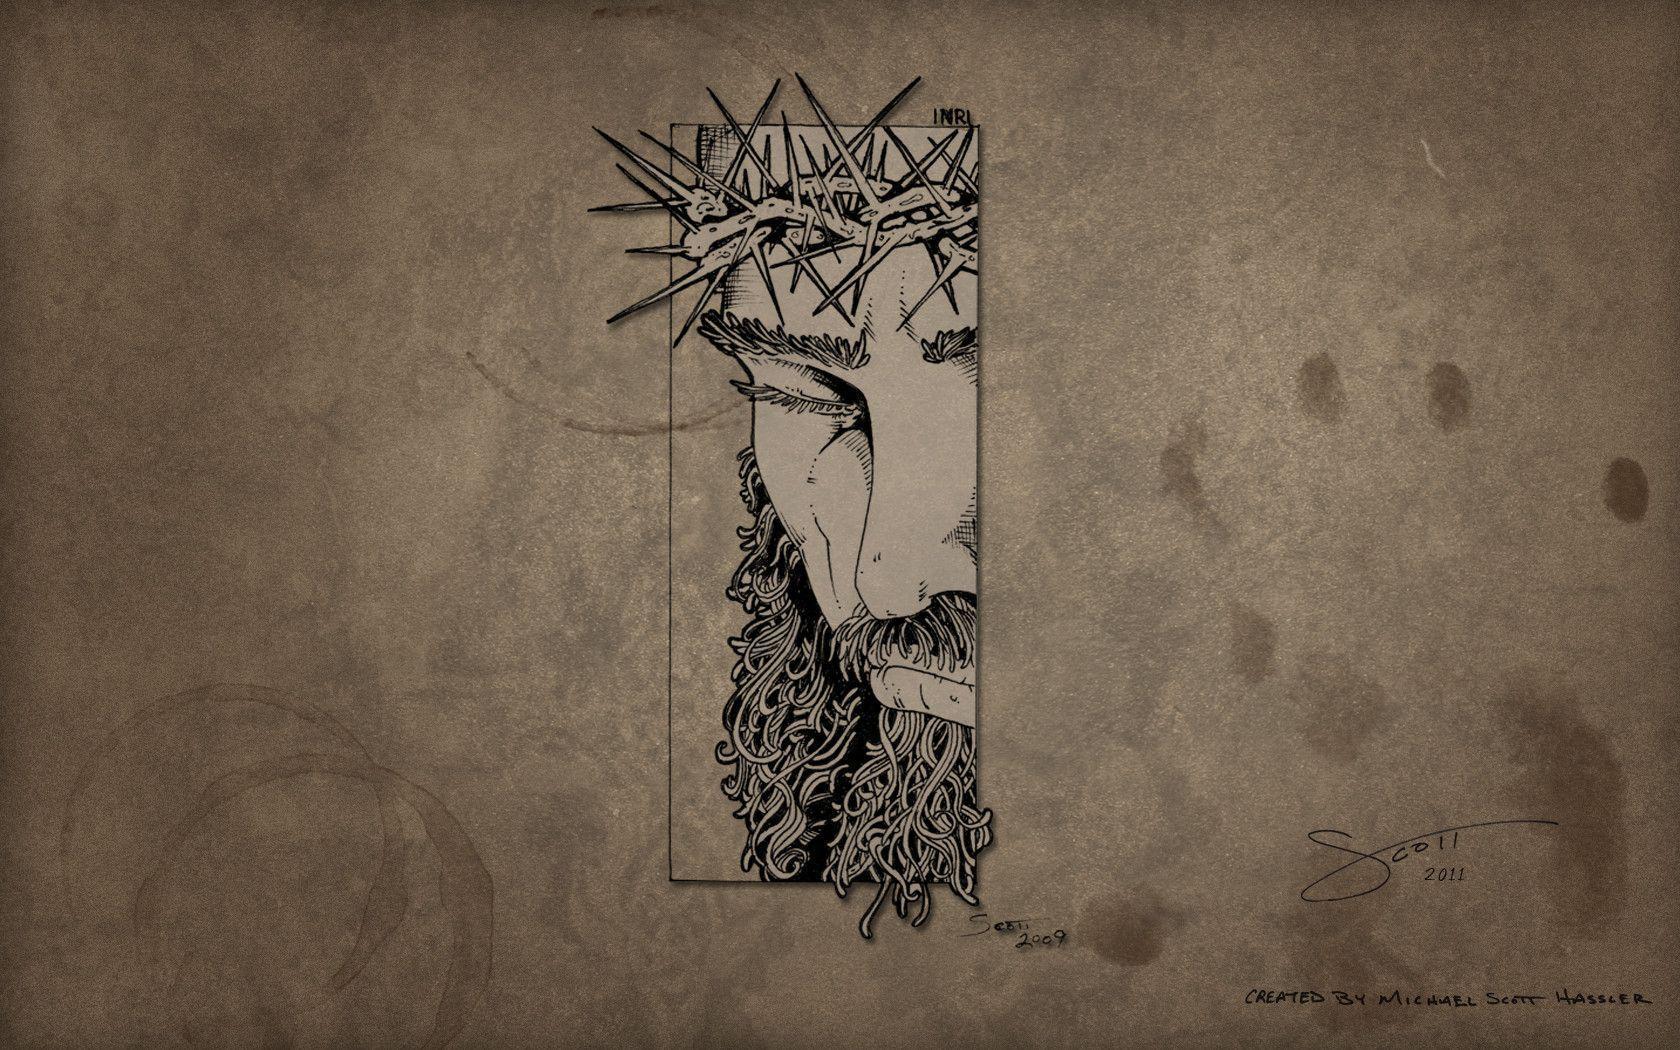 Jesus Wallpaper by hassified on DeviantArt